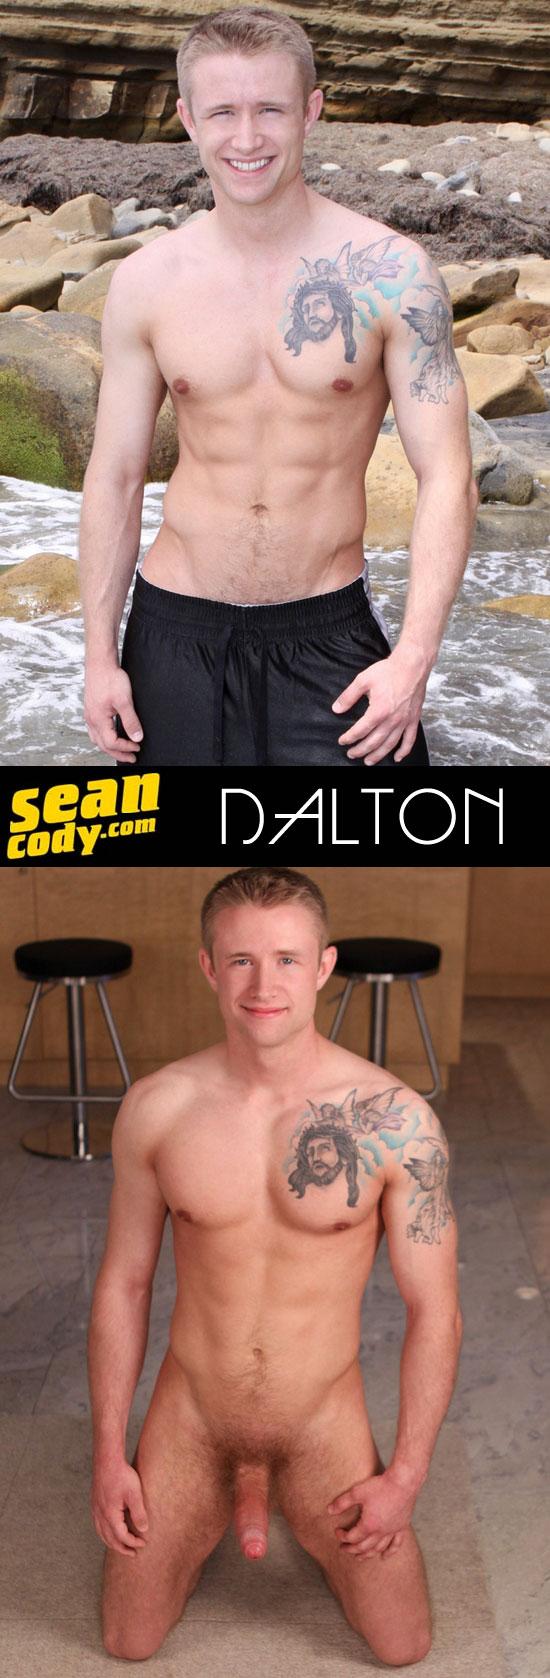 Dalton solo